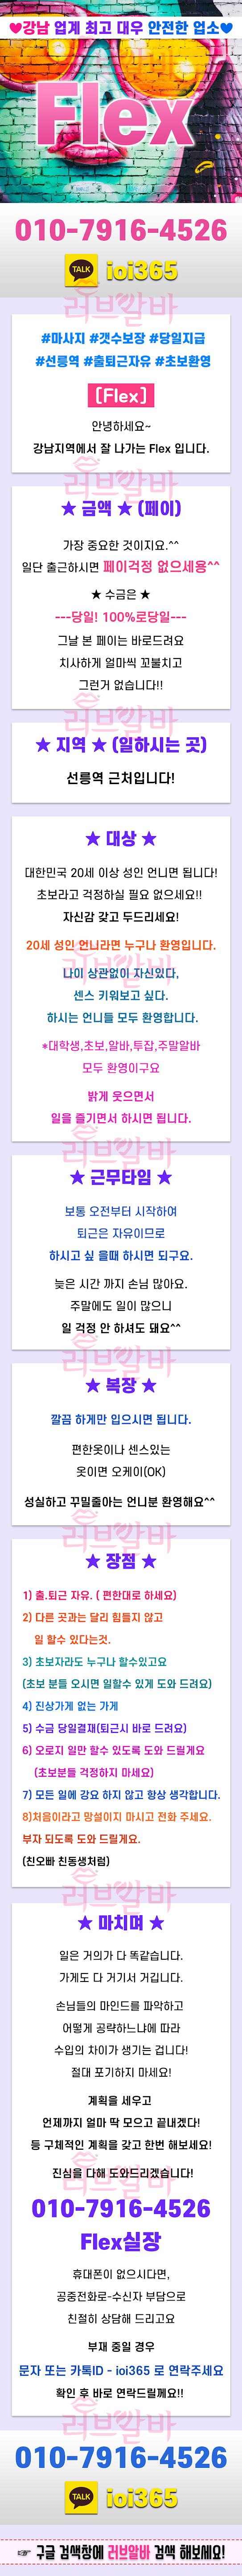 [서울 강남구] 강남 업계 최고대우! 플렉스에서 관리사분 모집하고 있어요~♥